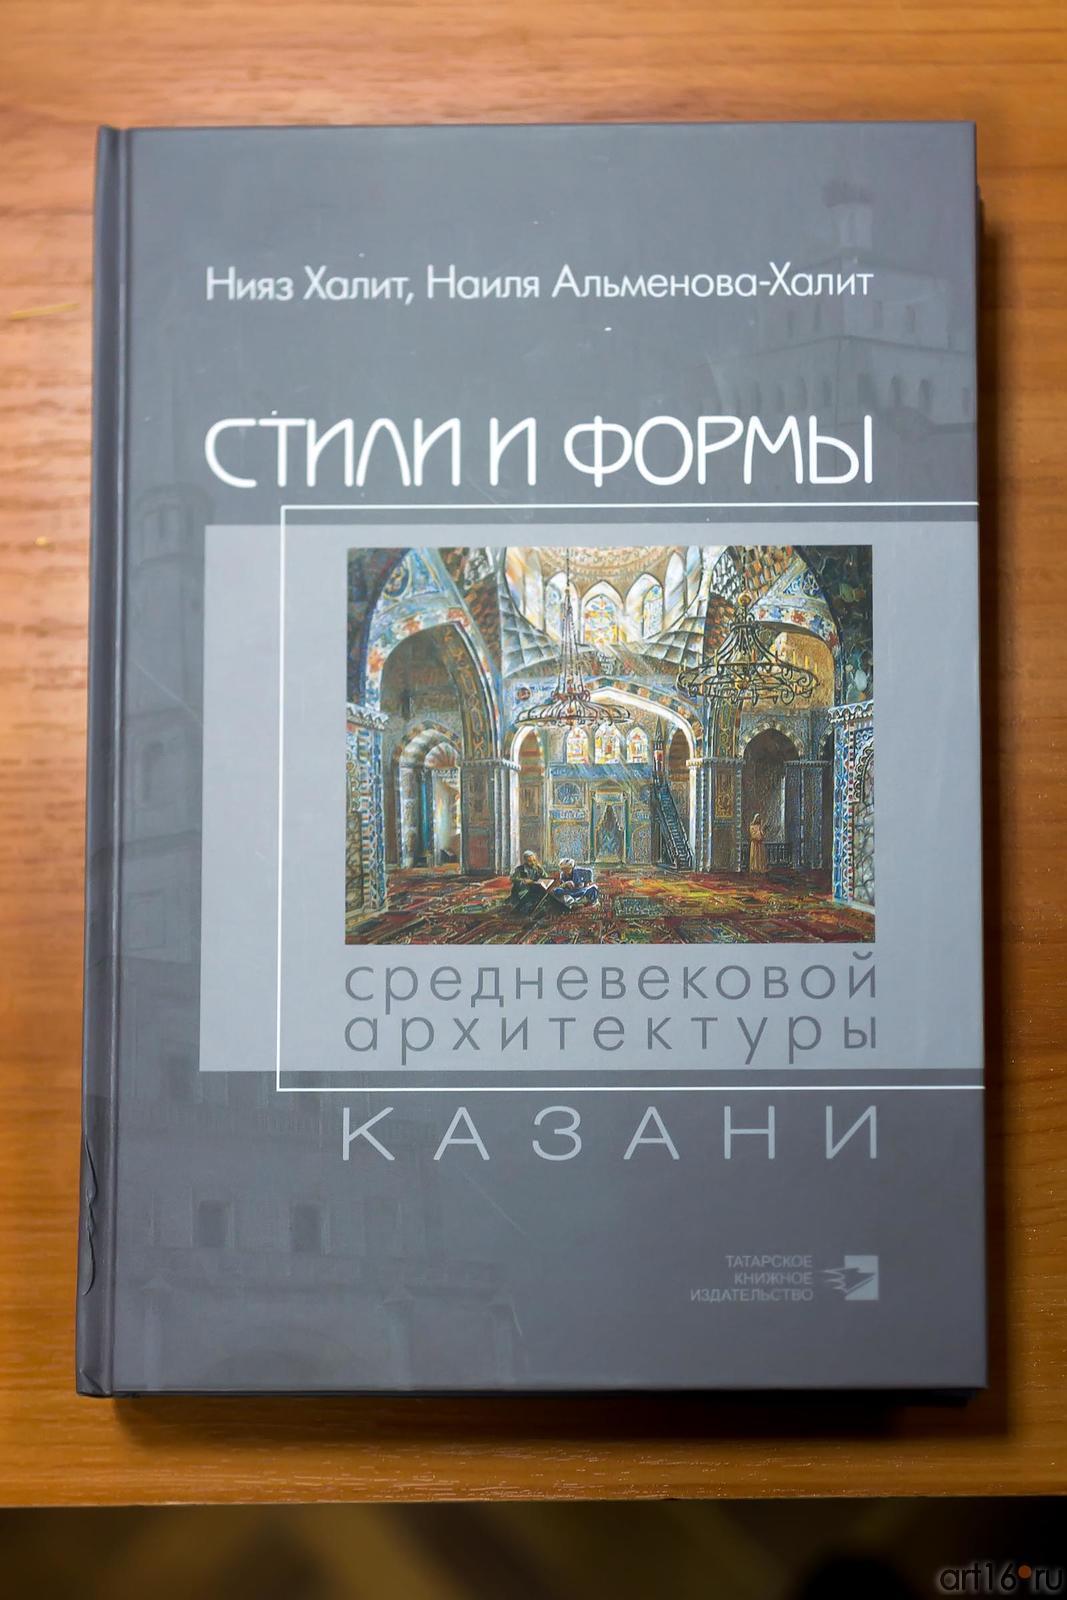 Фото №226858. Art16.ru Photo archive